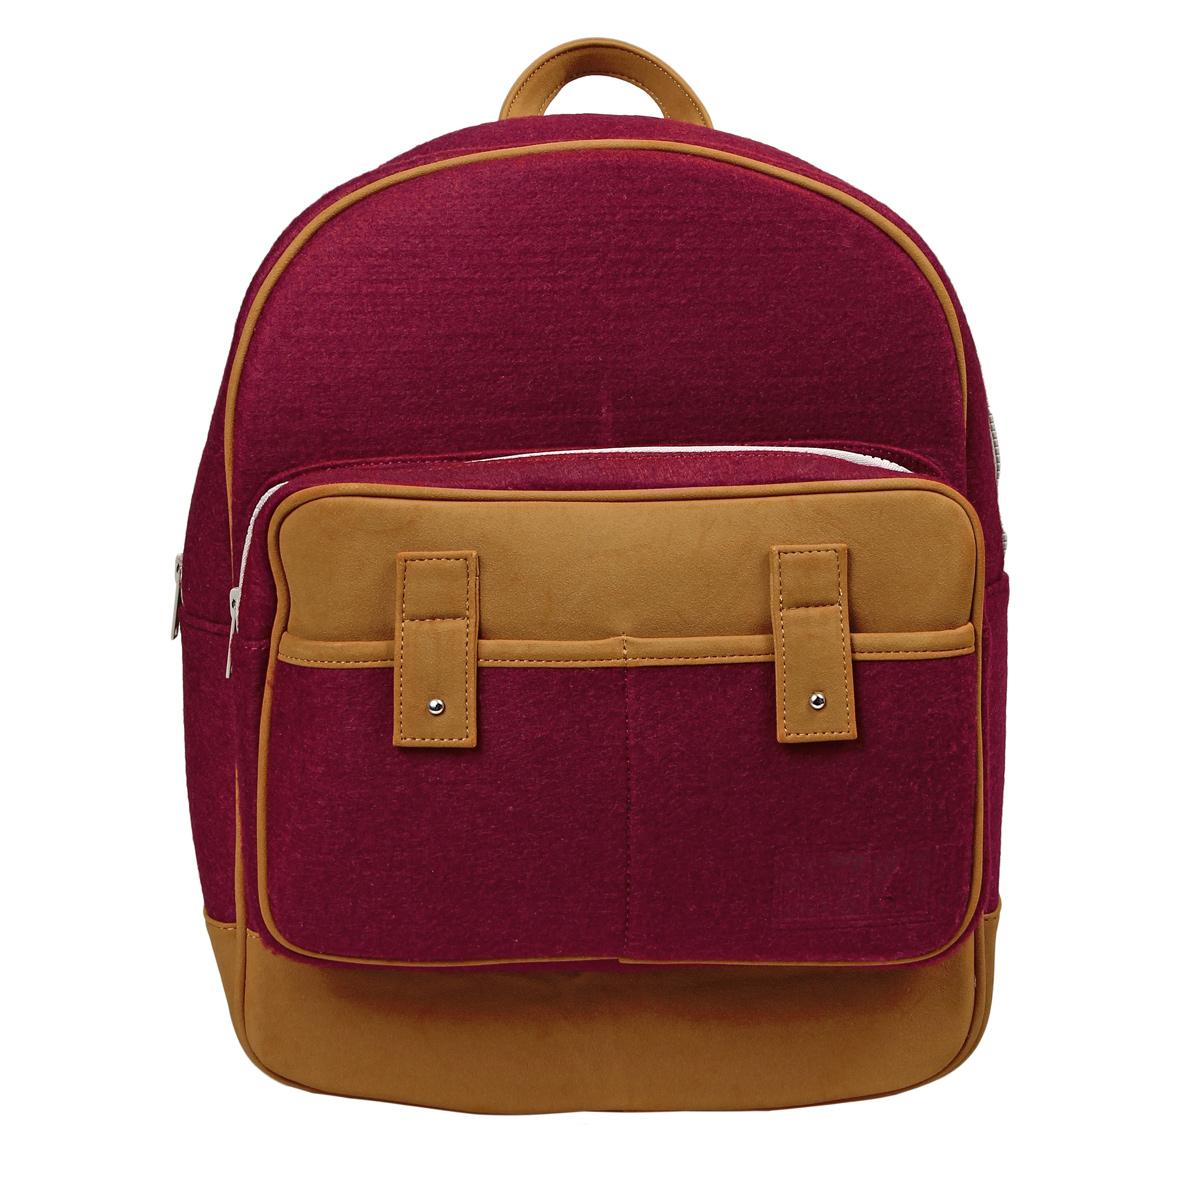 Рюкзак MRKT, цвет: темно-бордовый. 222352222352Рюкзак MRKT станет эффектным акцентом в вашем образе и превосходно подчеркнет неповторимый стиль. Модель выполнена из фетра - натуральной, высококачественной шерсти, мягкой и приятной на ощупь. Рюкзак состоит из одного вместительного отделения, закрывающегося на застежку-молнию. Внутри - вшитый карман на молнии и накладной карман, закрывающийся при помощи хлястика. На внешней стороне расположен объемный накладной карман на молнии и два кармашка для мелочей. Рюкзак оснащен двумя регулирующимися лямками. Простота, лаконичность и функциональность выделяют эту модель из ряда подобных. Характеристики:Материал: фетр, металл, искусственная кожа. Размер рюкзака: 30 см х 41 см х 12 см.Цвет: темно-бордовый. Артикул: 222352.